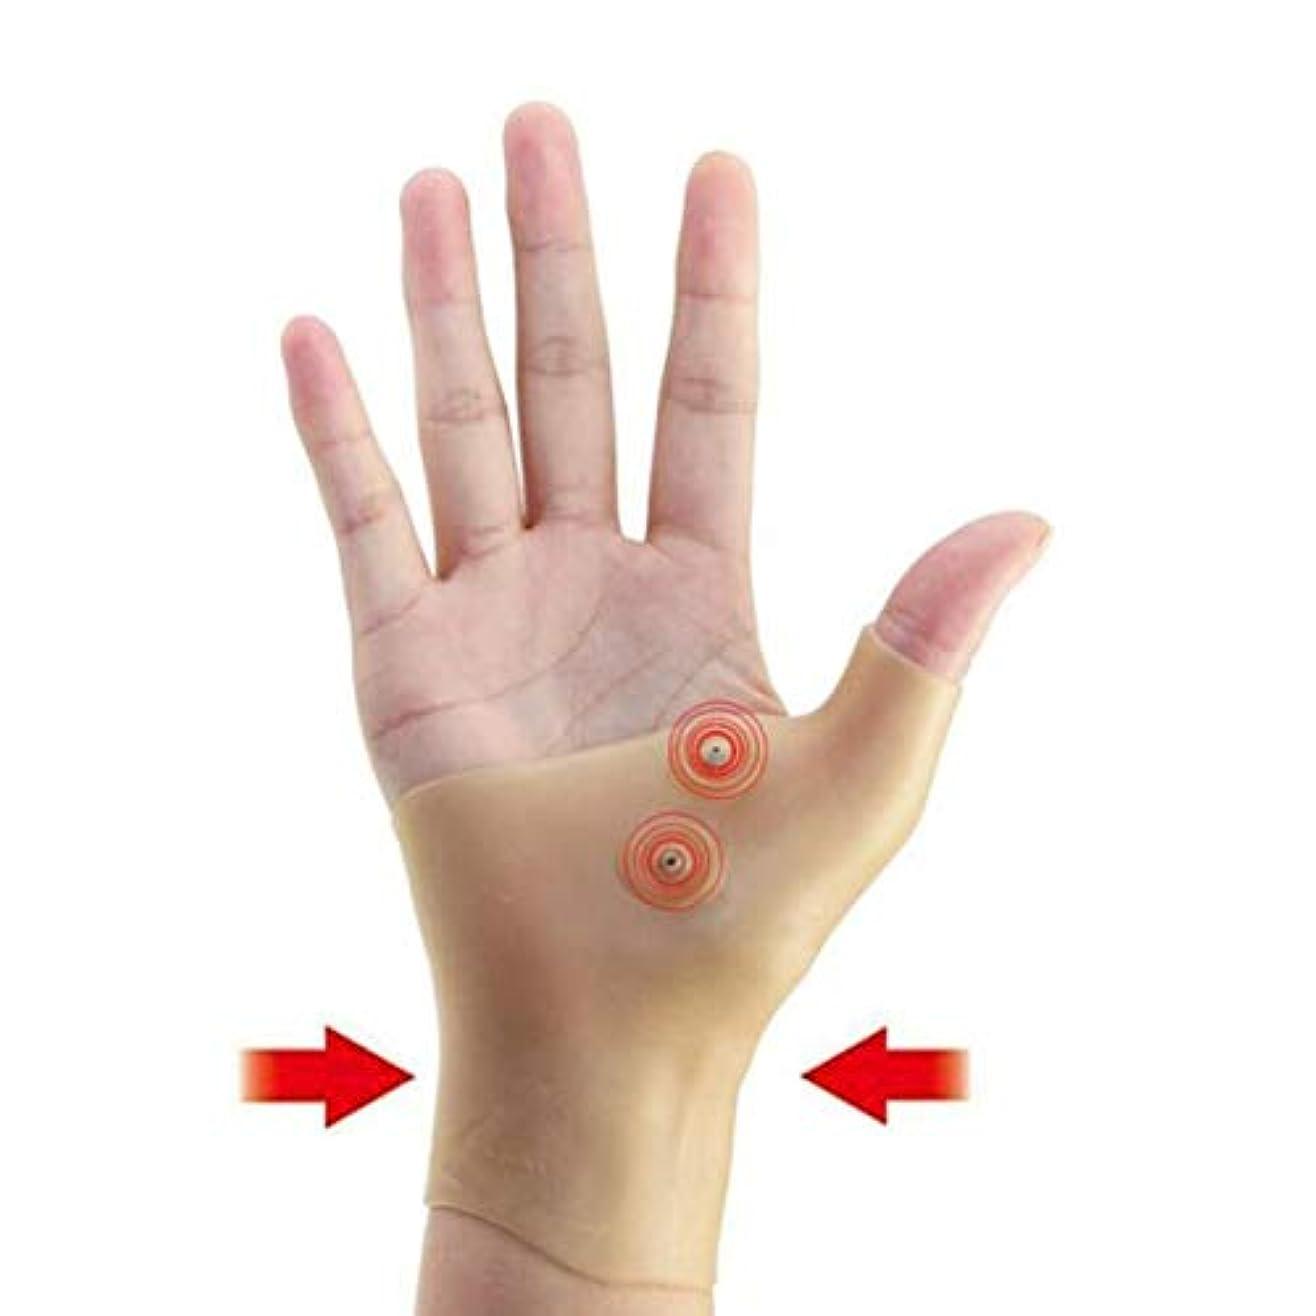 中断採用おかしい磁気療法手首手親指サポート手袋シリコーンゲル関節炎圧力矯正器マッサージ痛み緩和手袋 - 肌の色